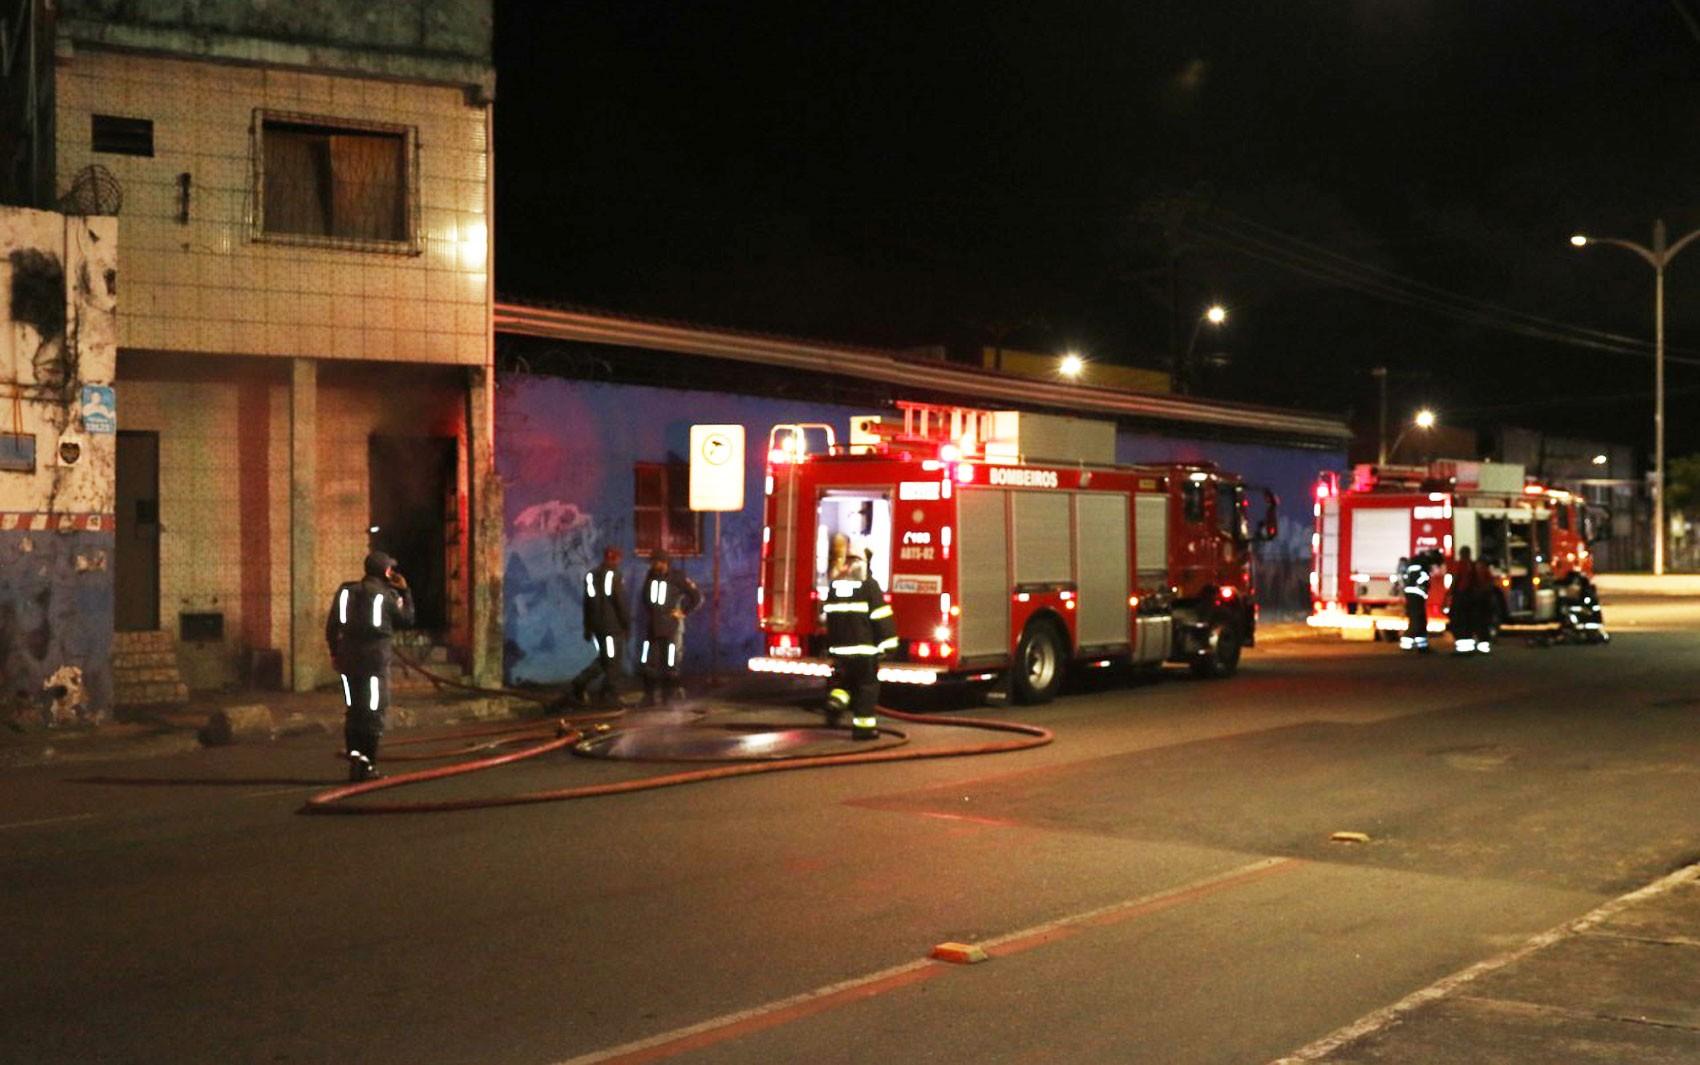 Imóvel pega fogo na Cidade Baixa, em Salvador